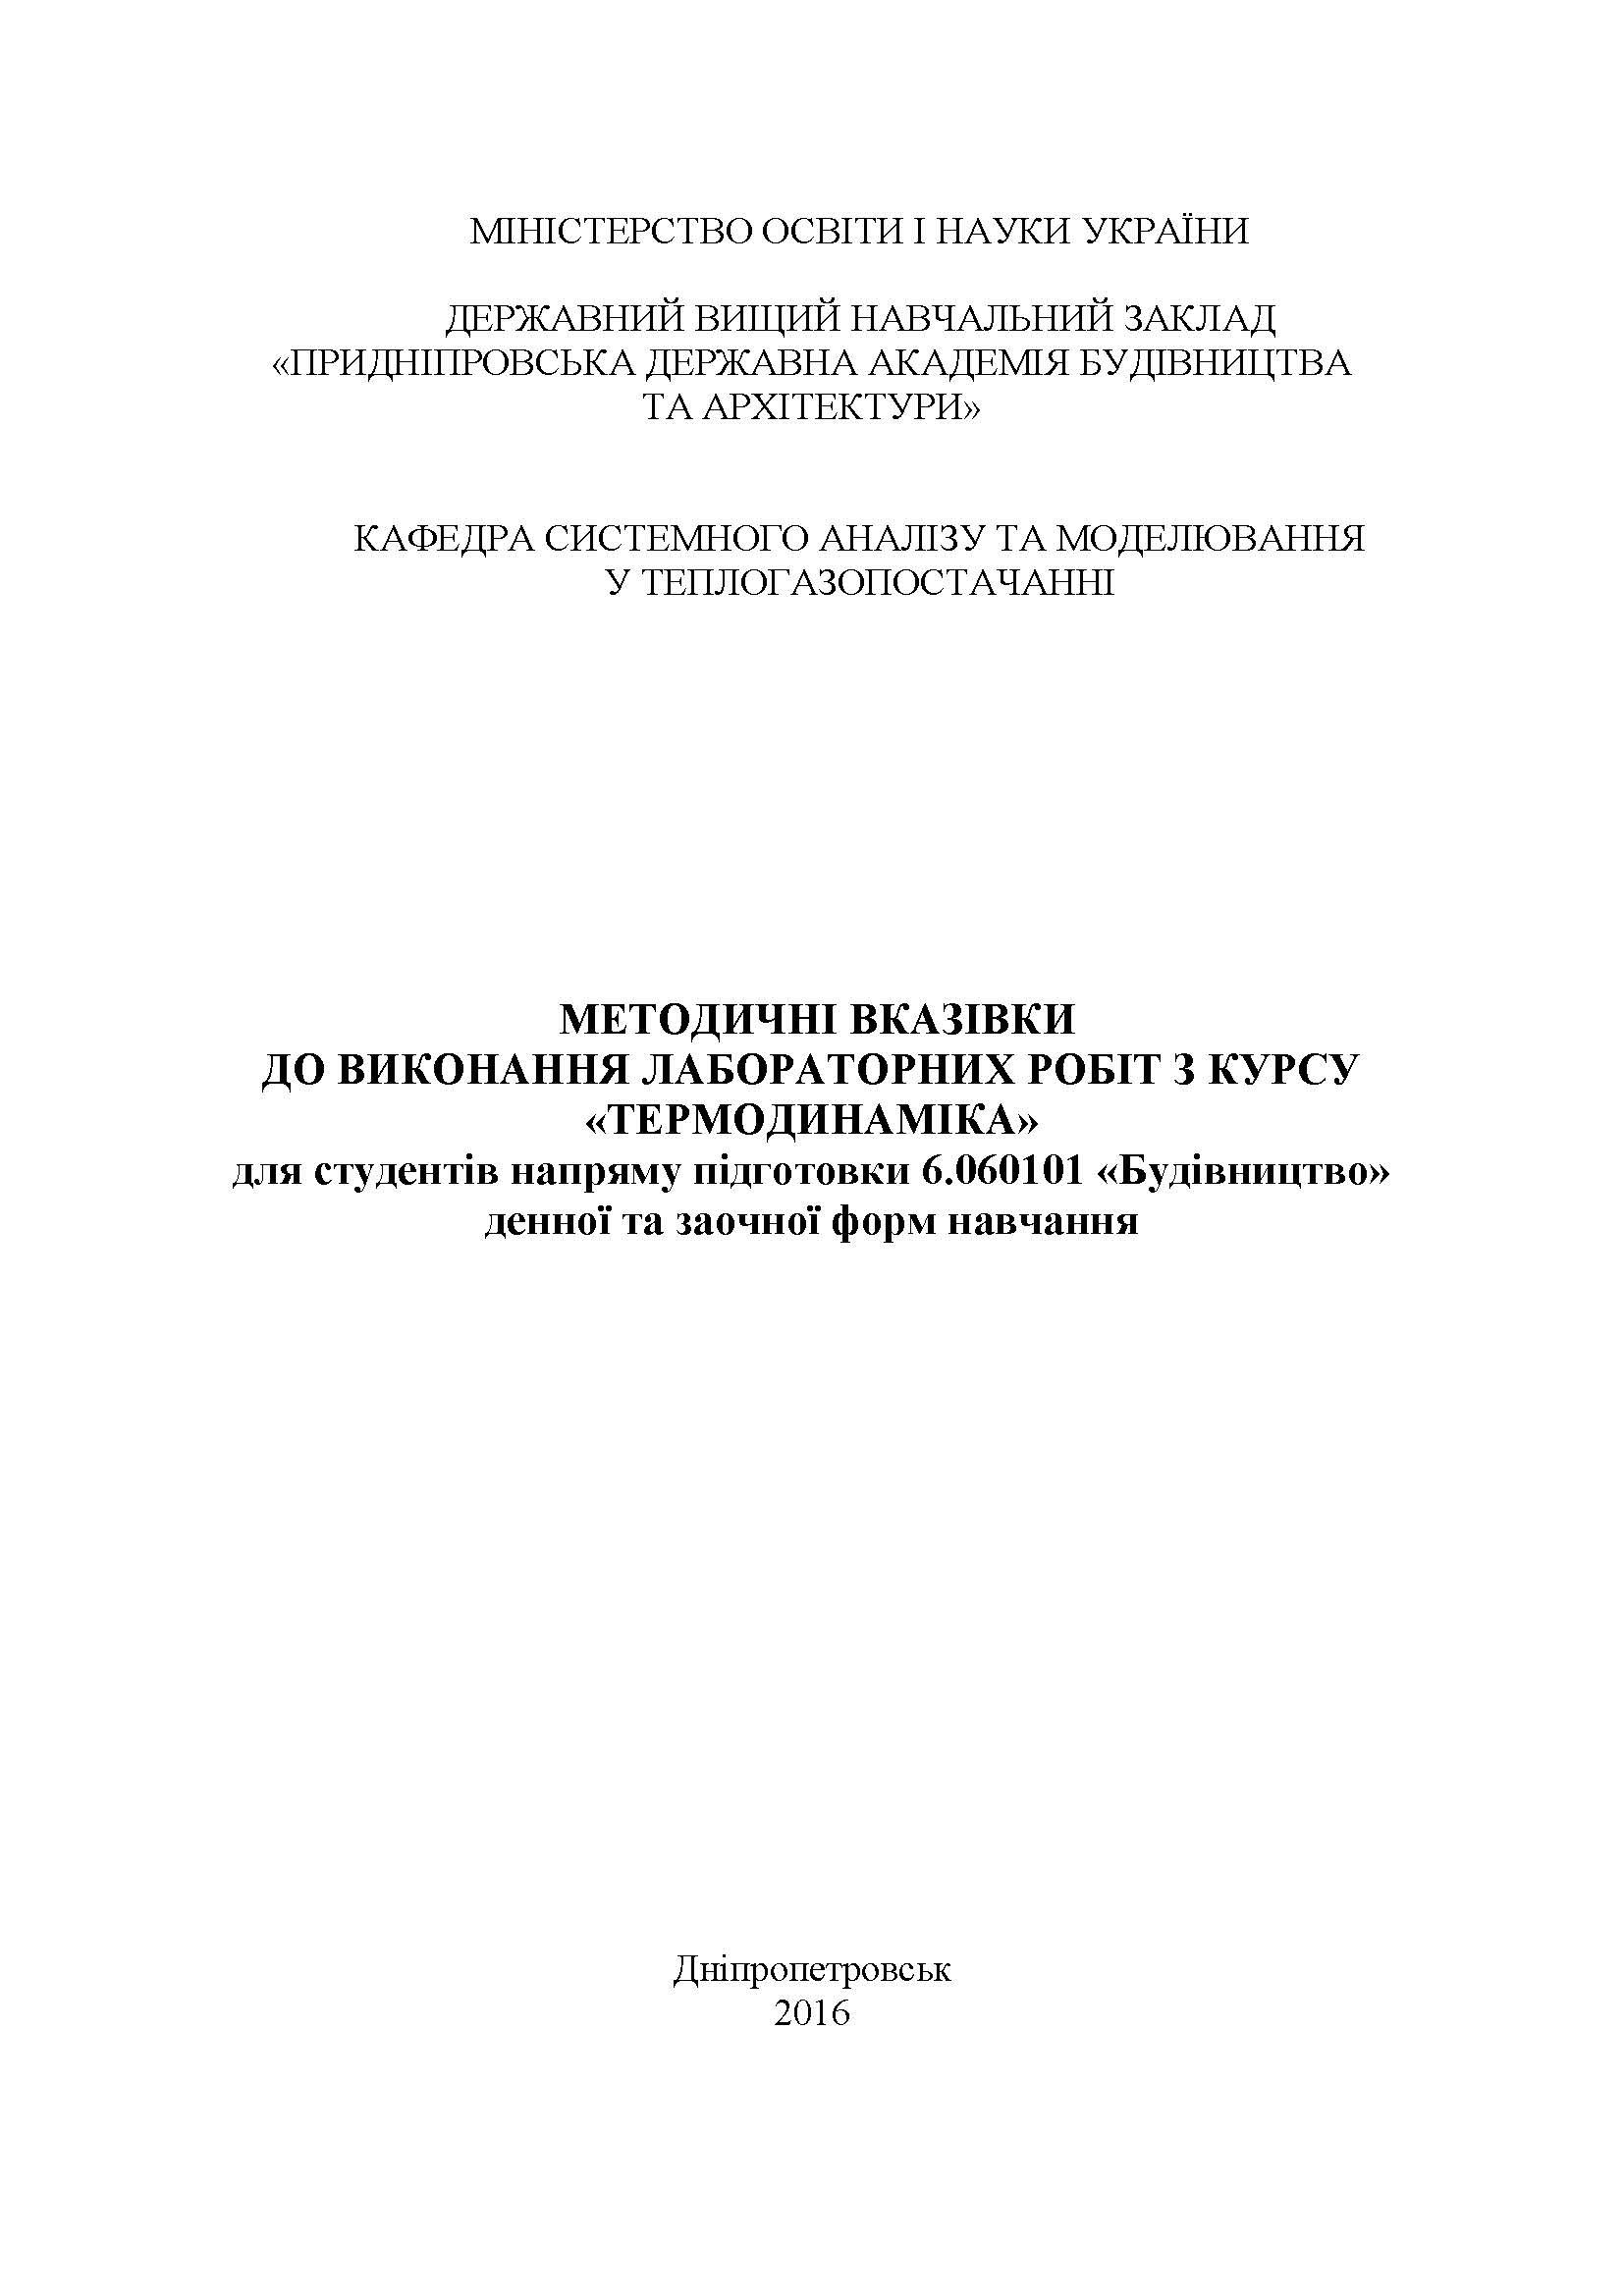 Методичні вказівки до виконання лабораторних робіт з курсу «Термодинаміка», 2016